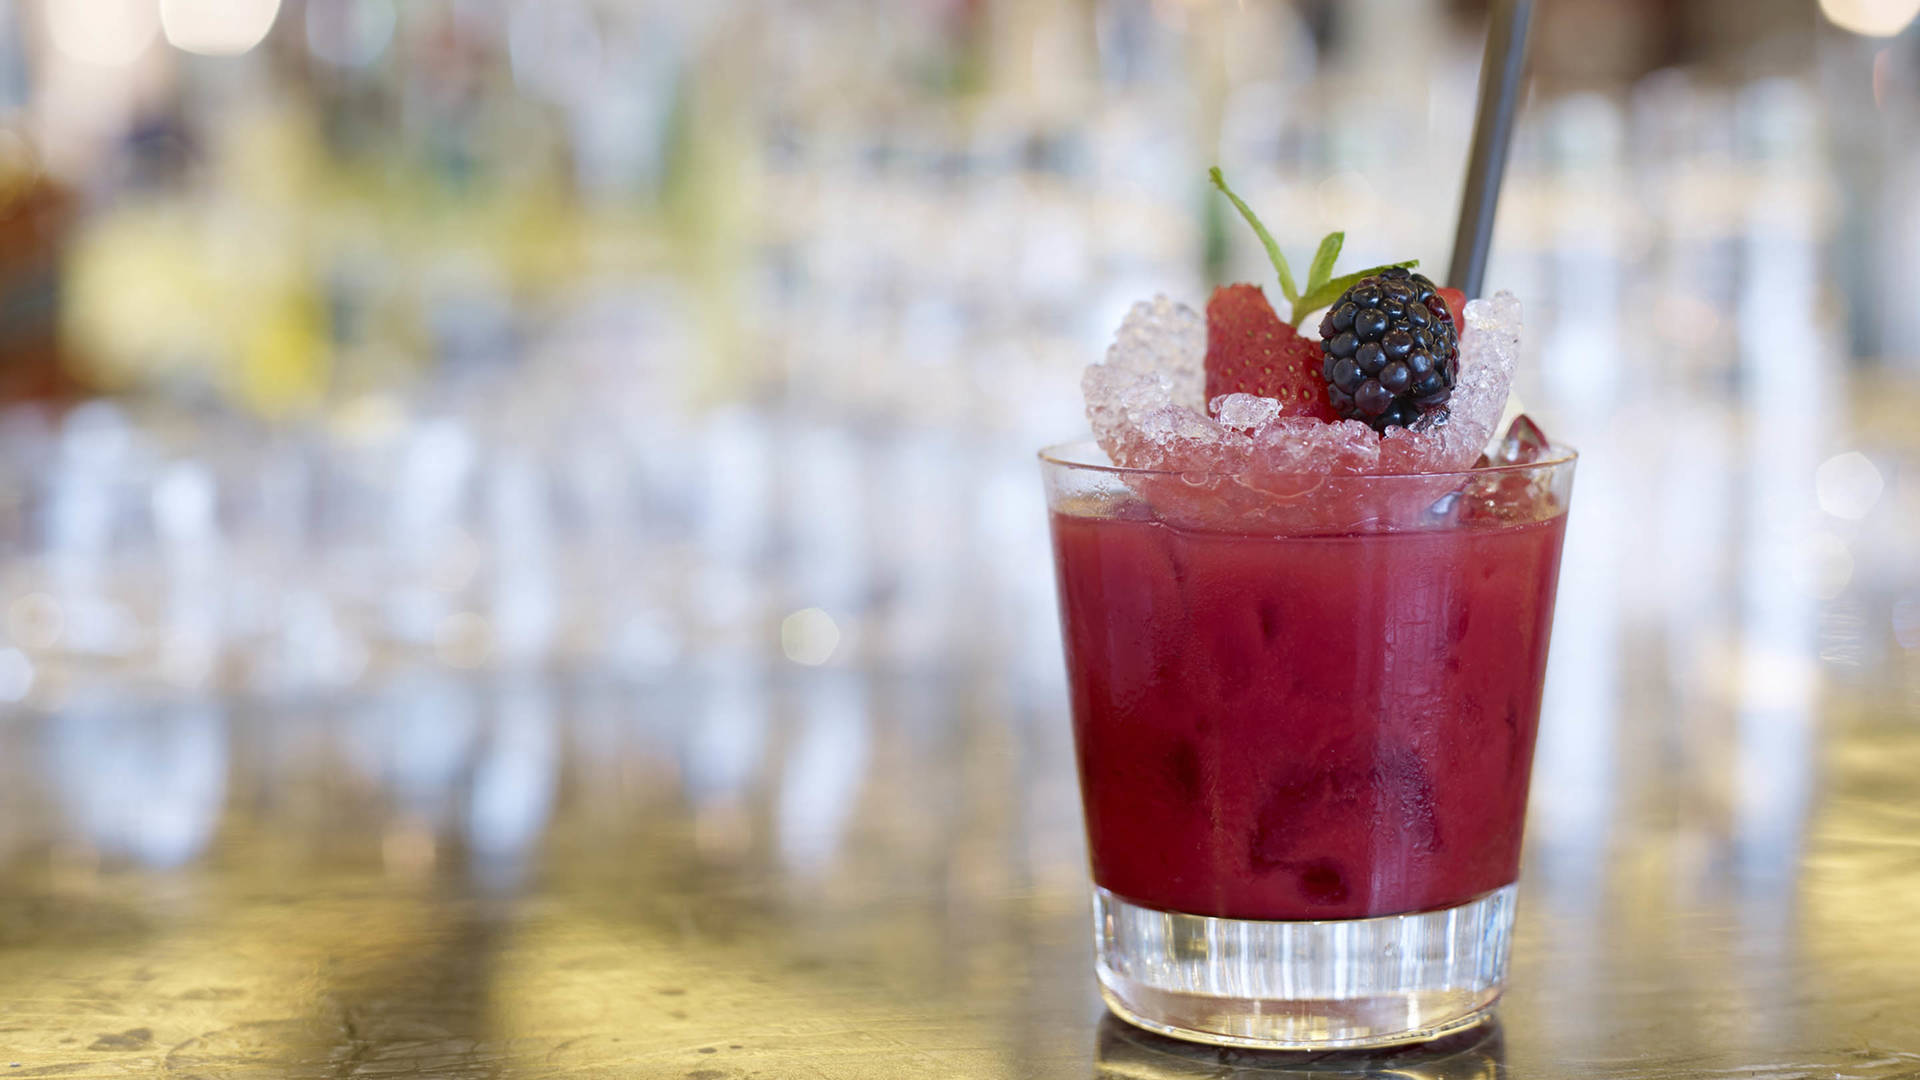 مشروبات الموكتيل غير الكحولية، صيحات الطعام في عام 2019